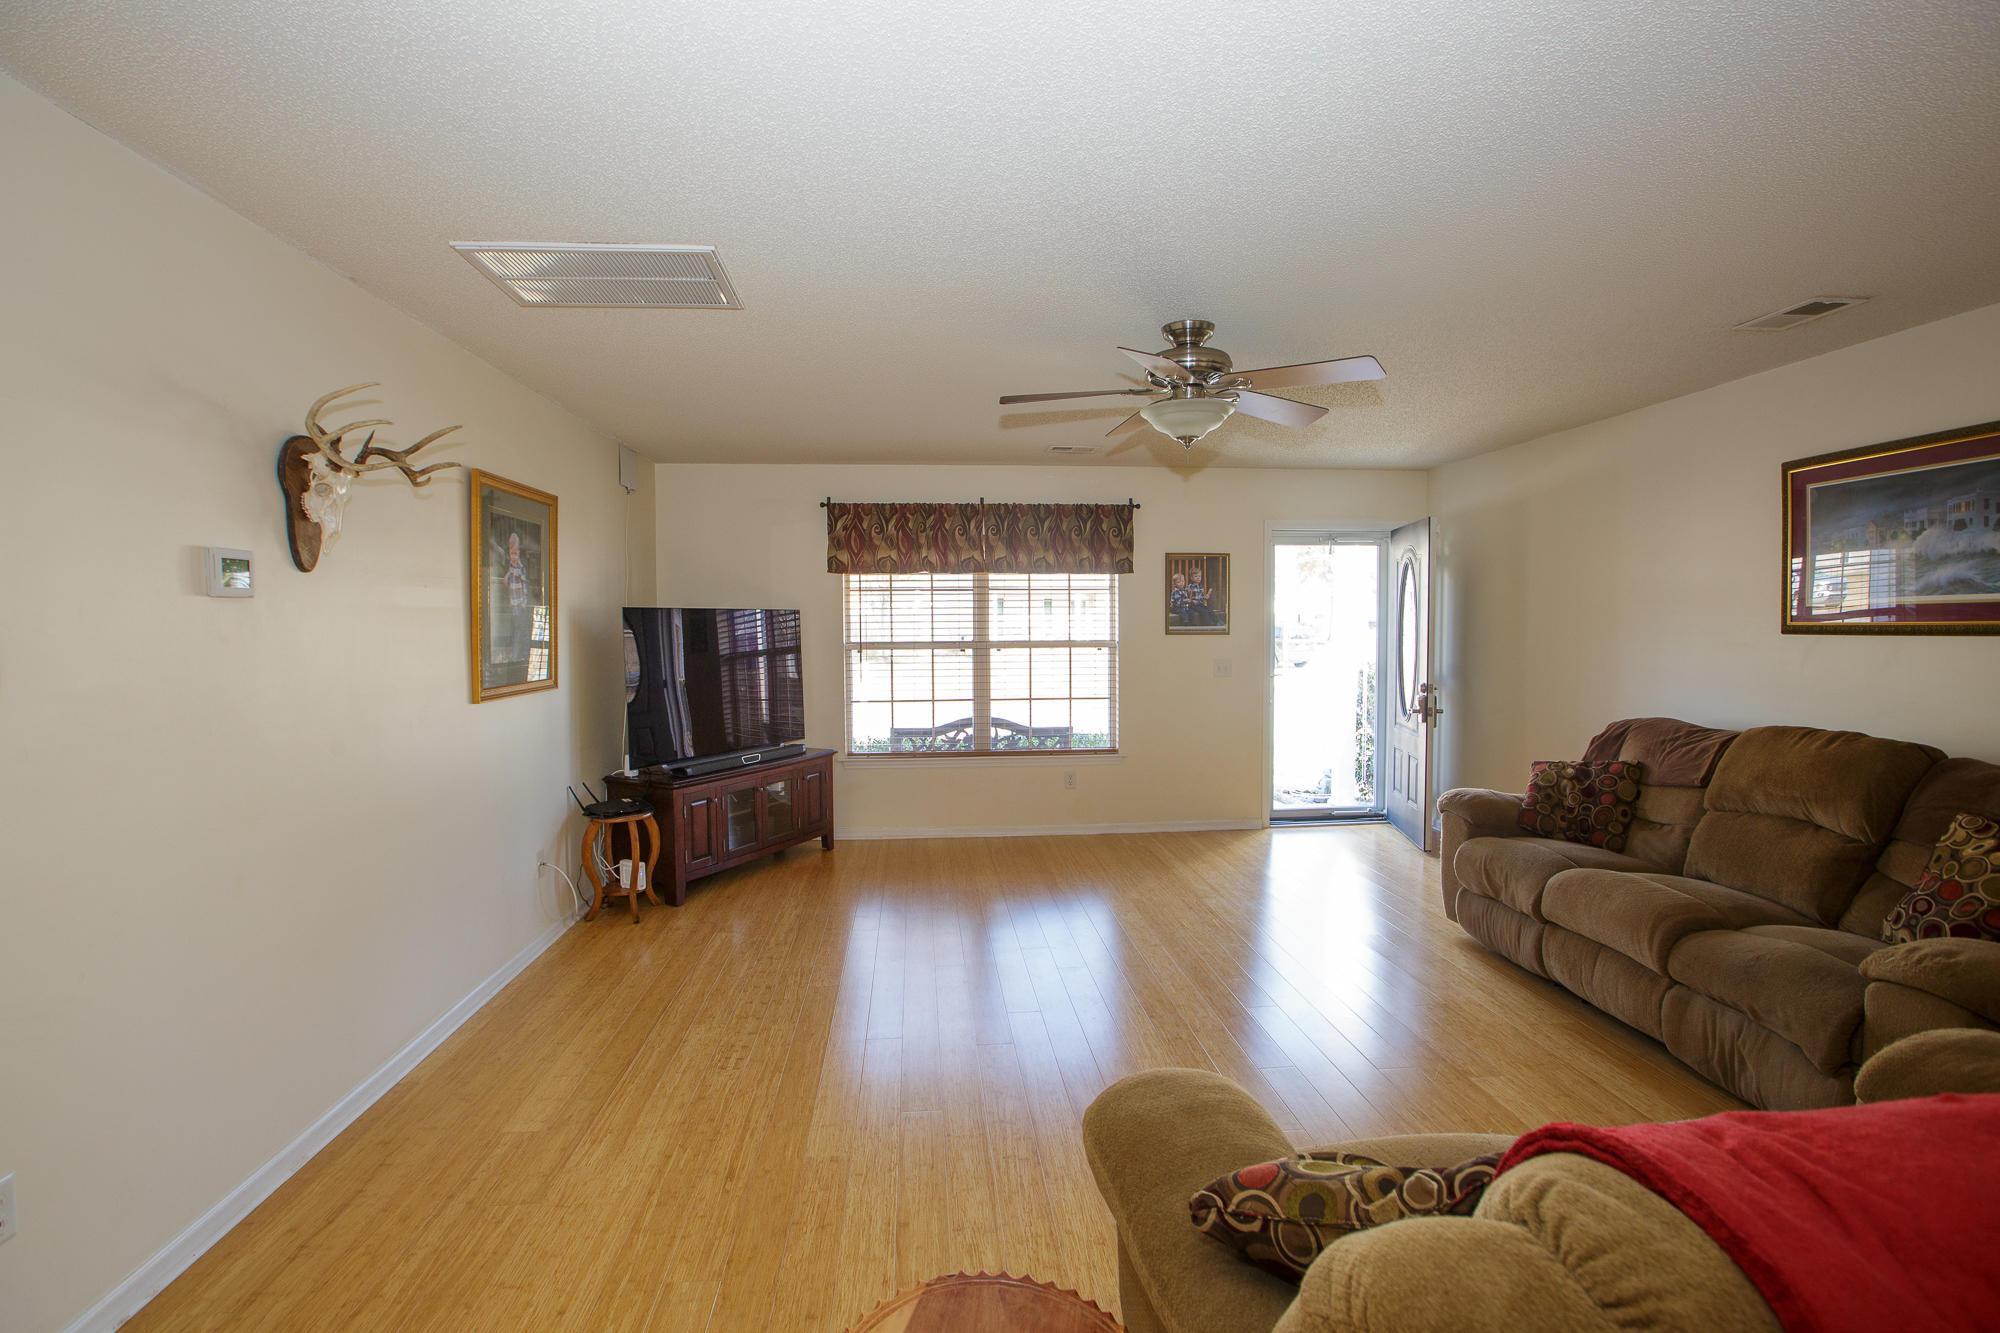 Hawthorne Place Homes For Sale - 347 Cohen, Ladson, SC - 6